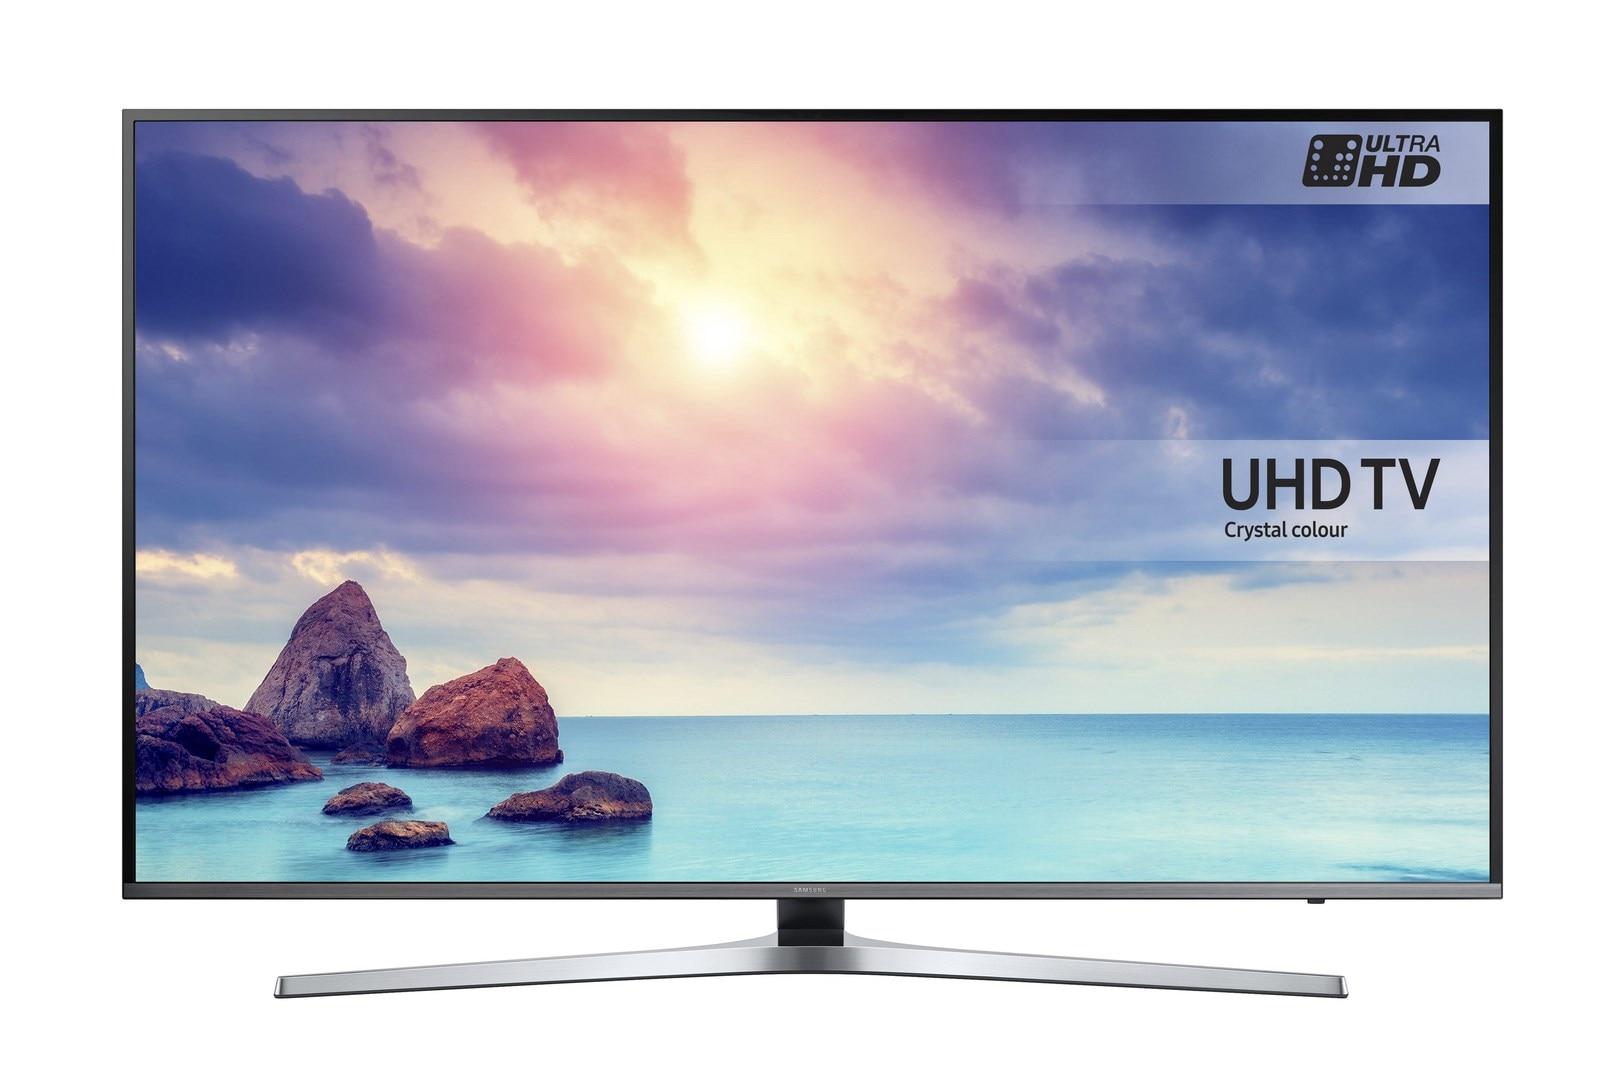 6-Series UHD TV UE55KU6470